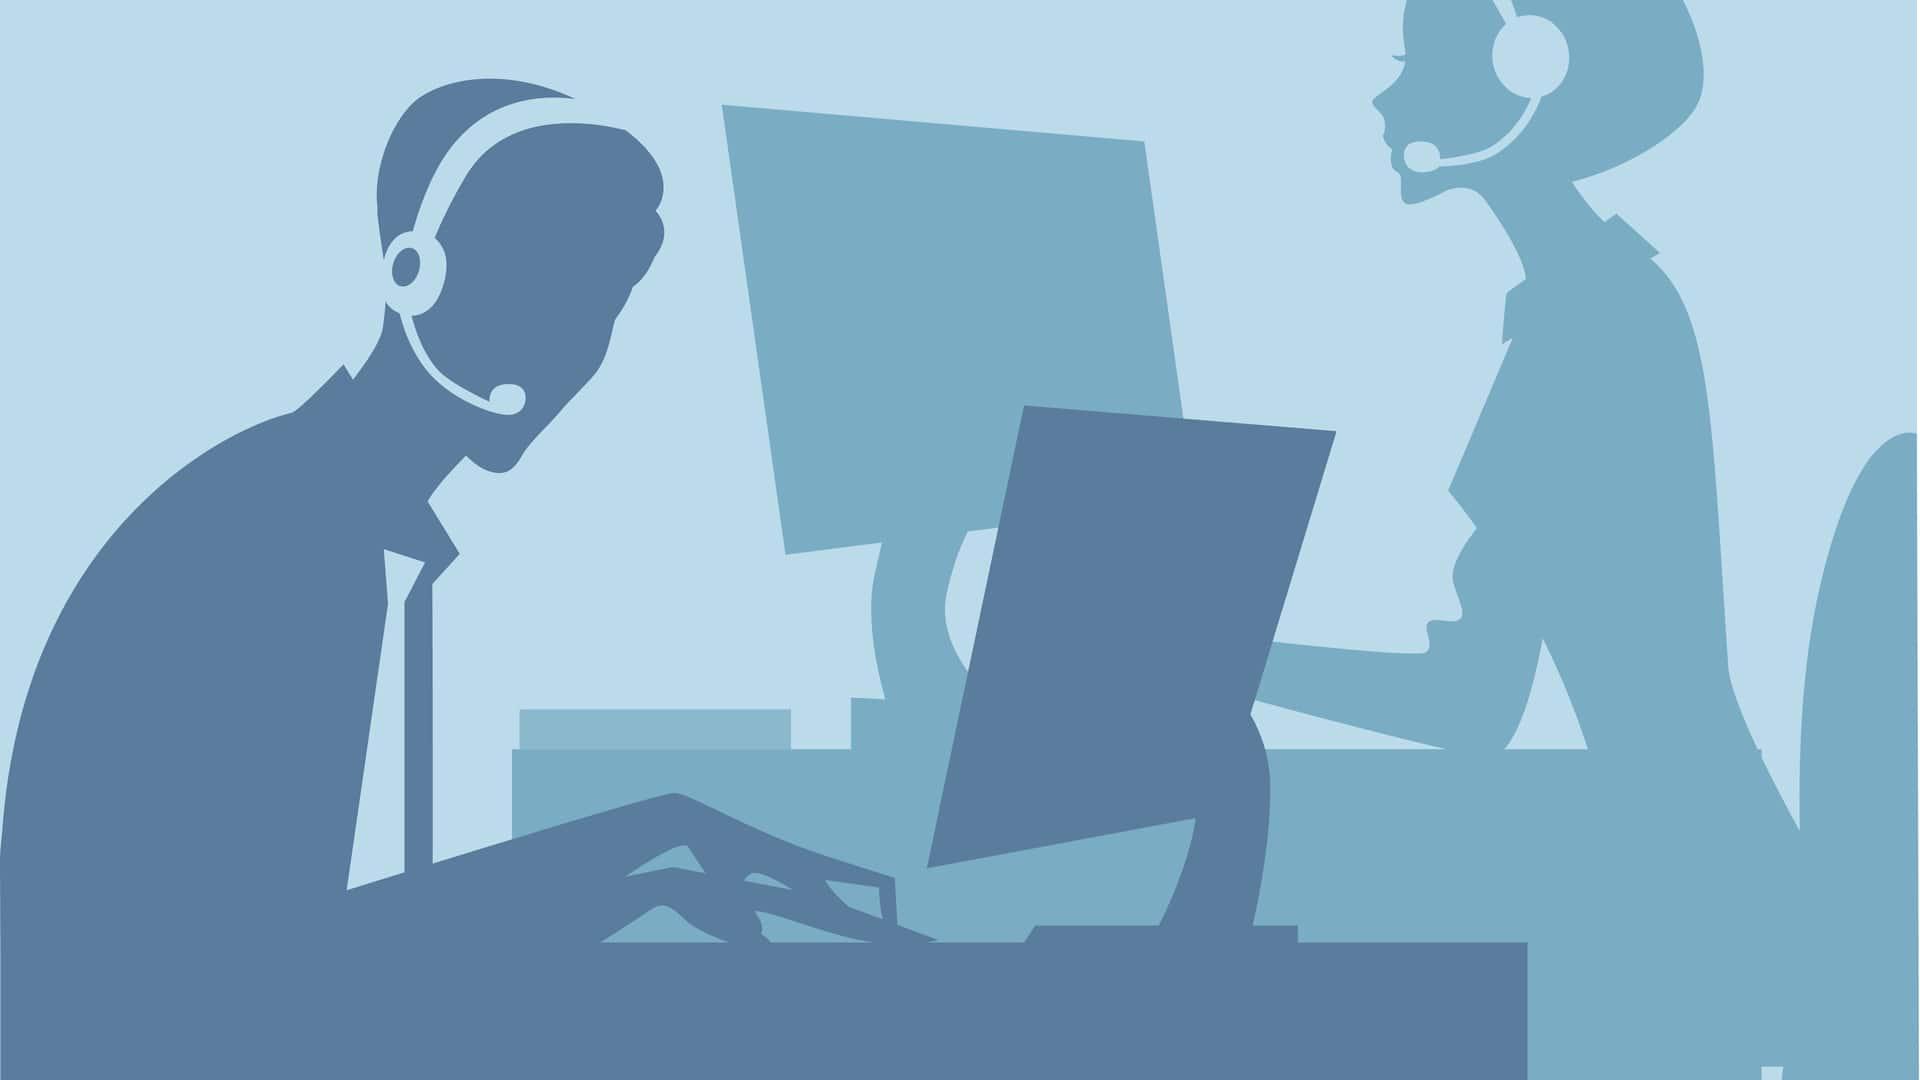 【介護ソフト】コールセンターが使えない理由と解決方法